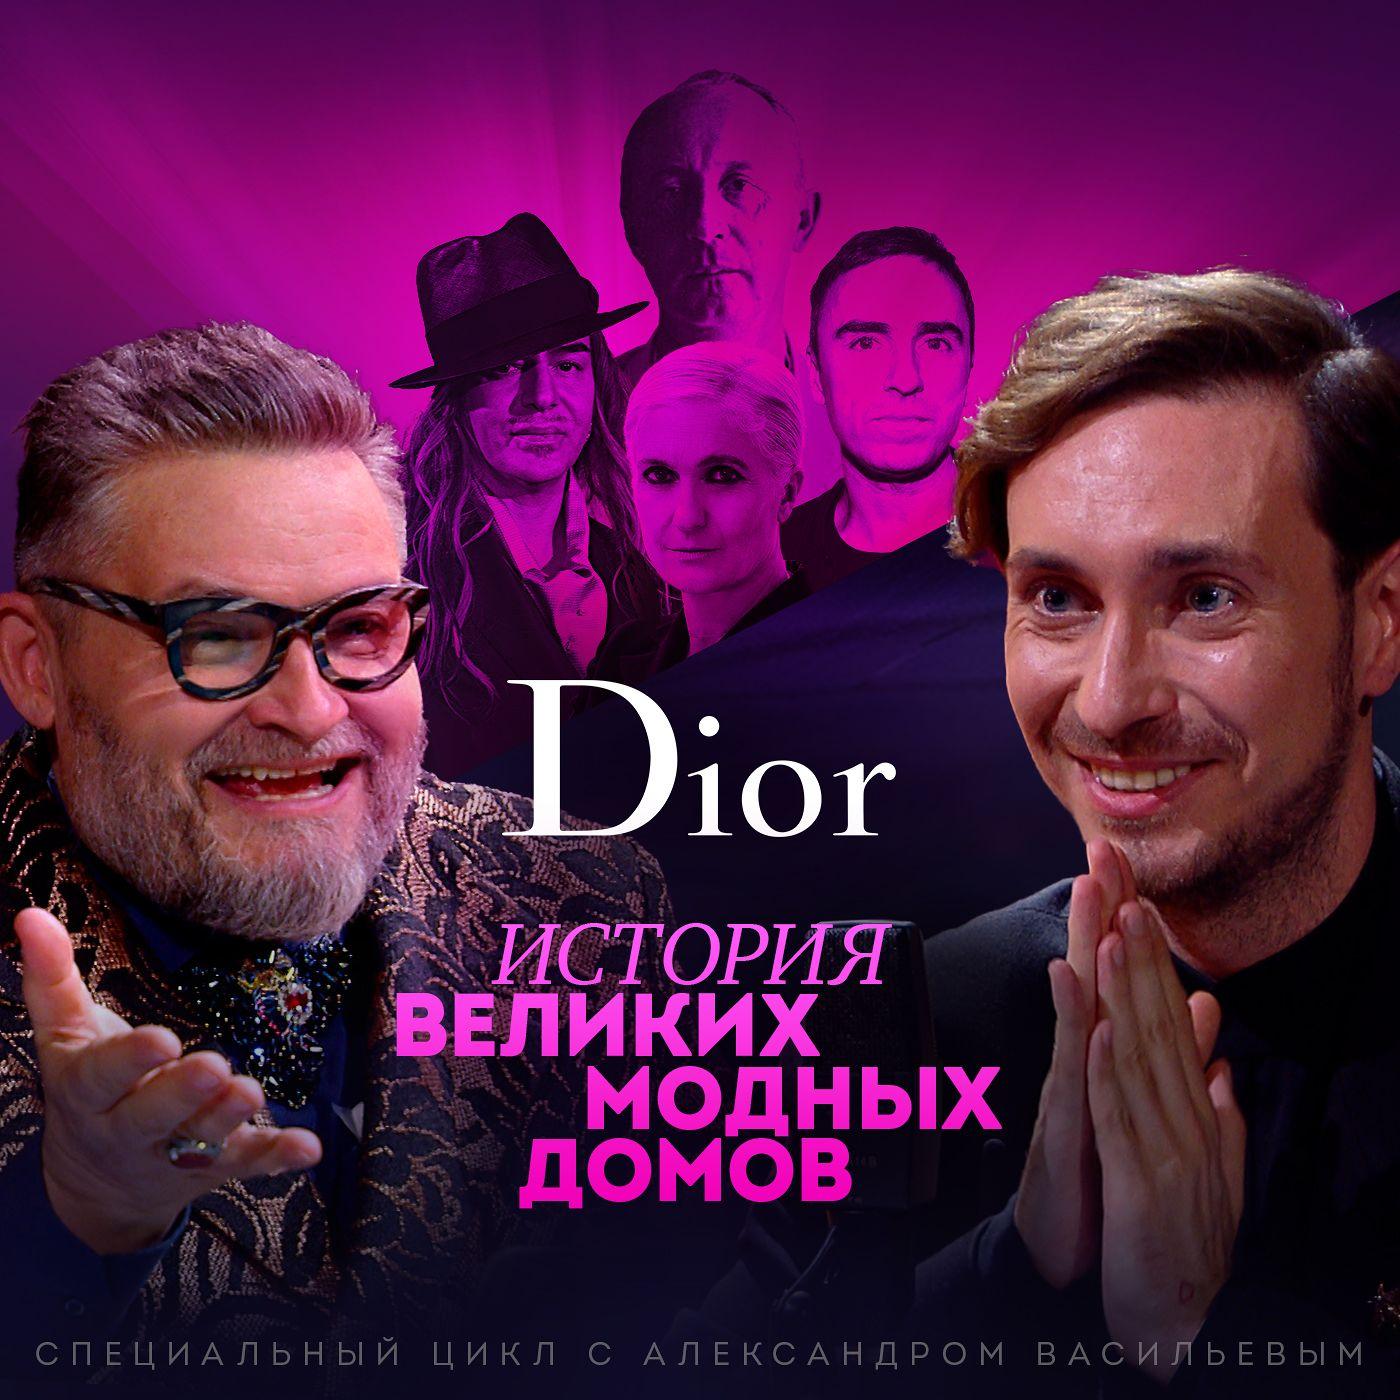 Модный дом Dior: эволюция или революция